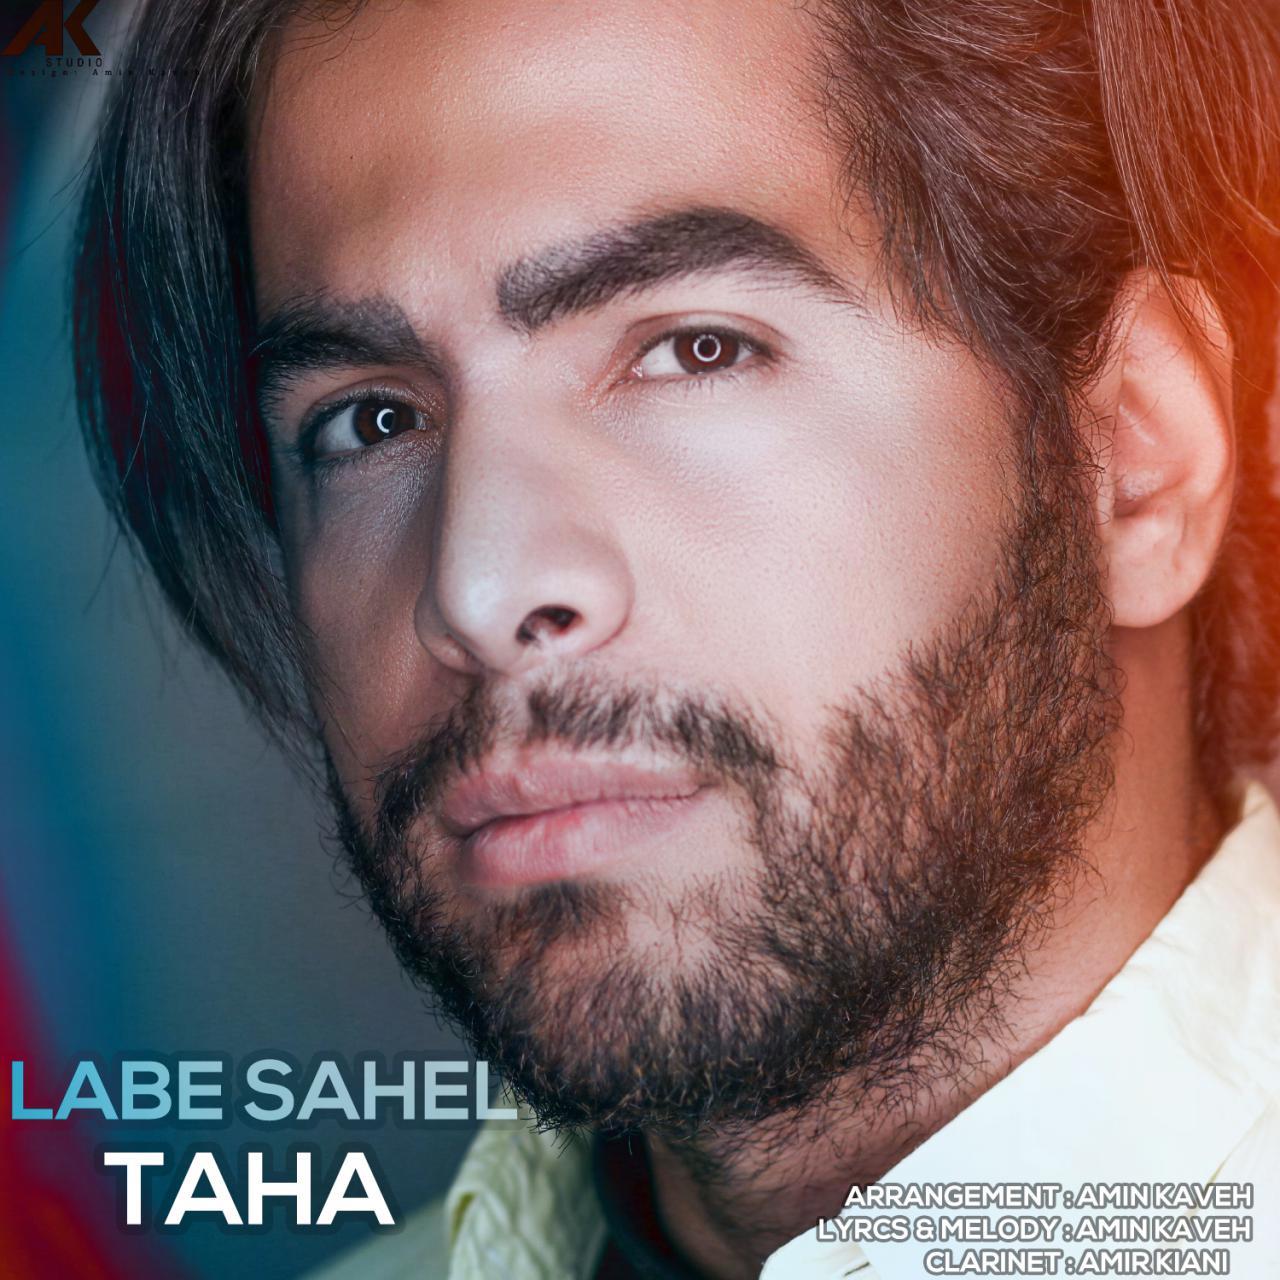 Taha – Labe Sahel